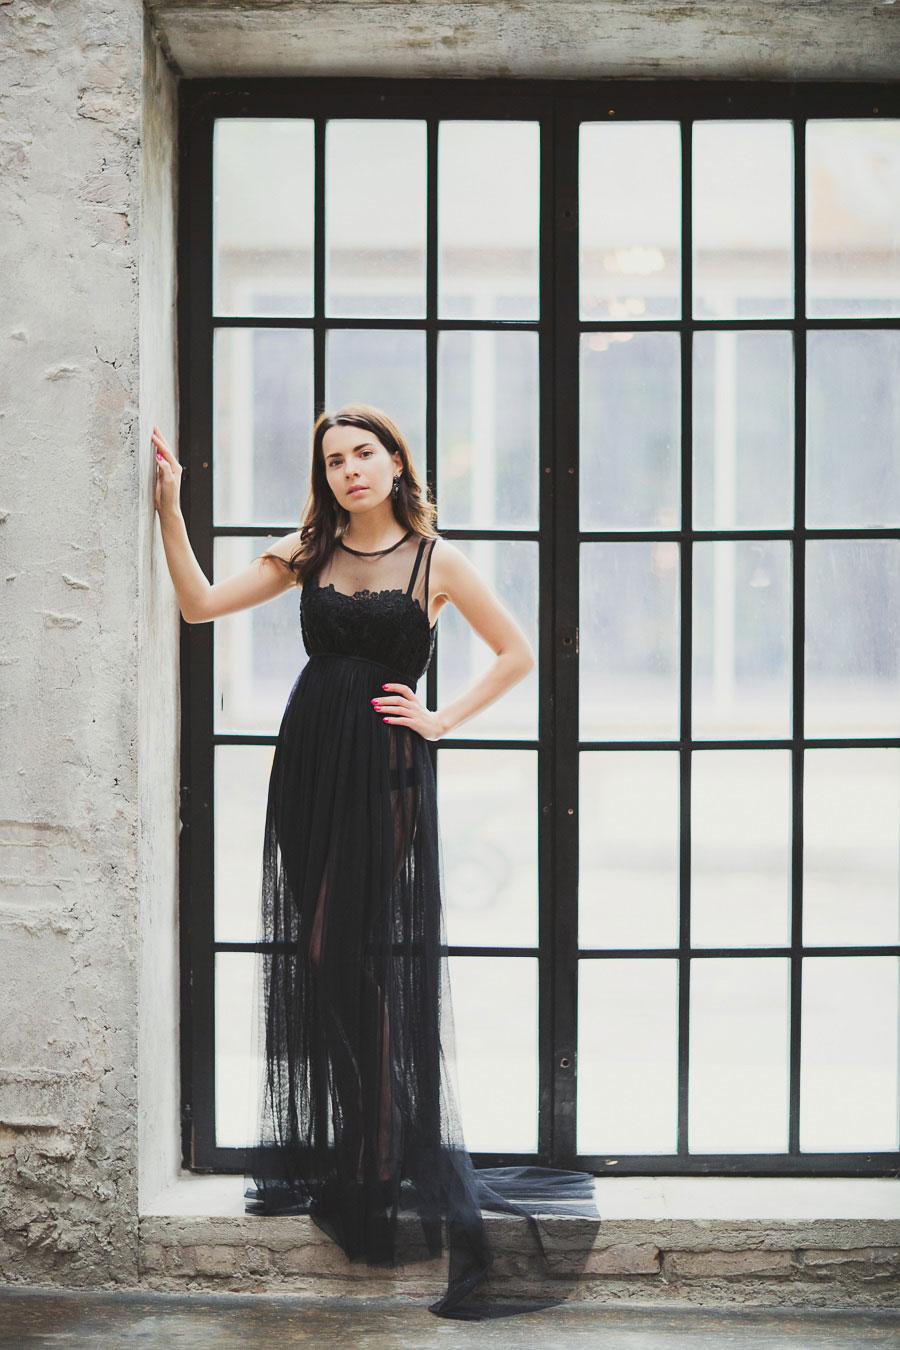 Прозрачное платье для девушки в положении